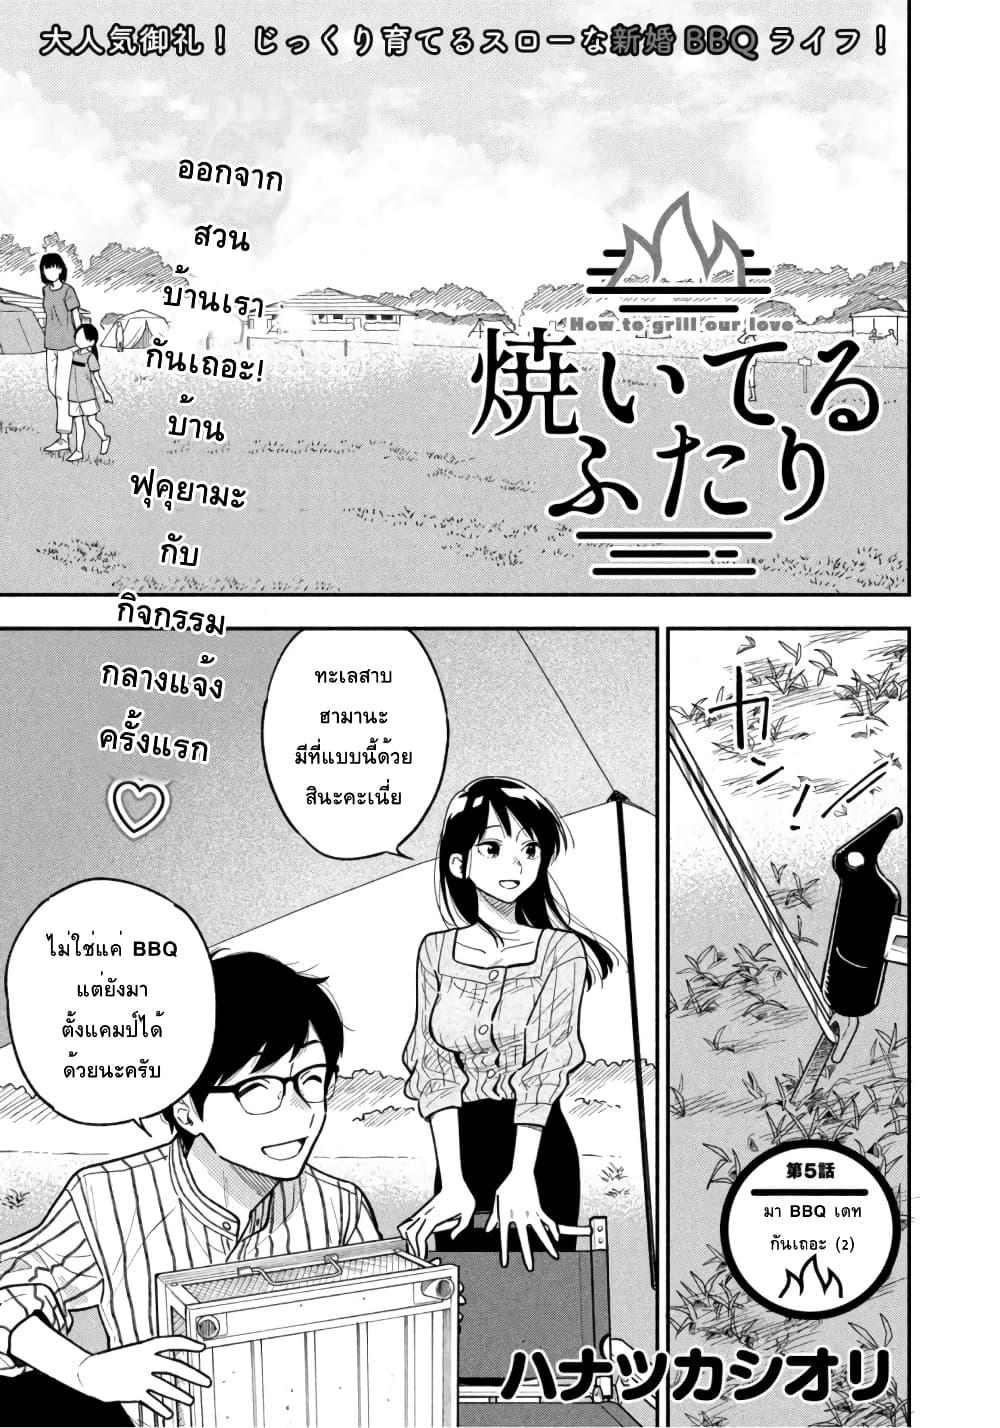 อ่านการ์ตูน Yaiteru Futari ตอนที่ 5 หน้าที่ 1